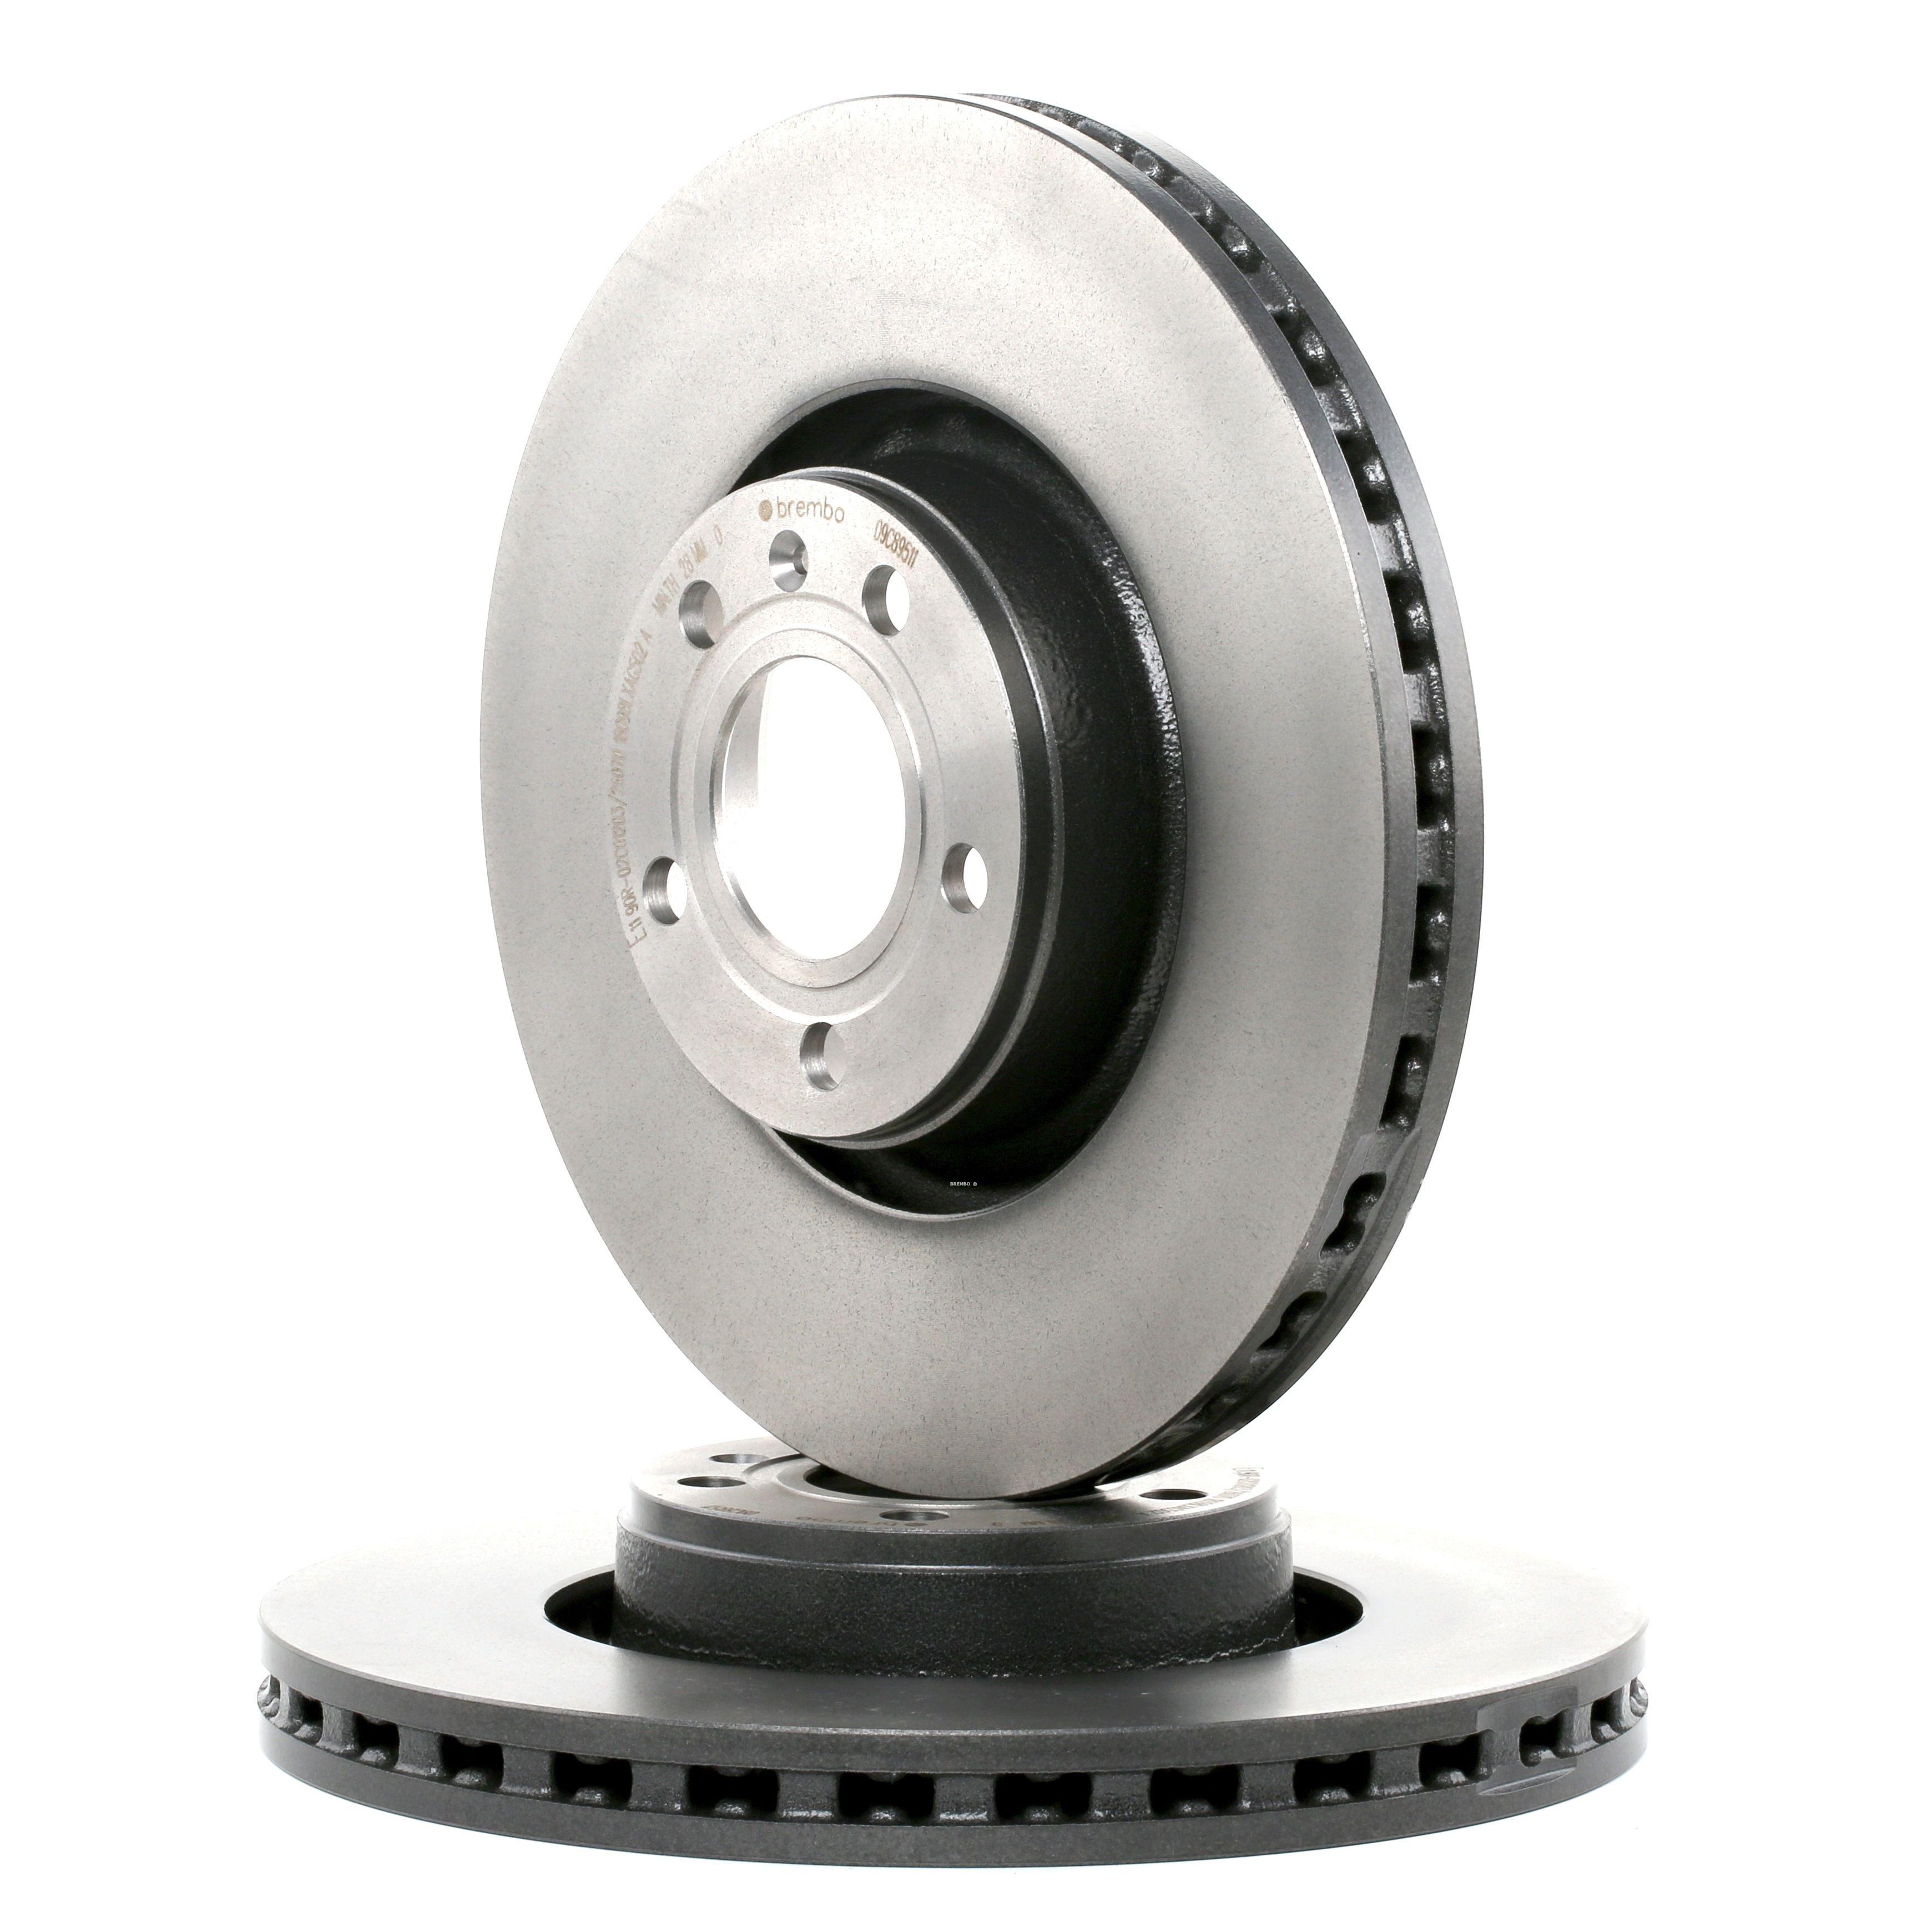 09.C895.11 BREMBO COATED DISC LINE Innenbelüftet, beschichtet, hochgekohlt, mit Schrauben Ø: 321mm, Lochanzahl: 5, Bremsscheibendicke: 30mm Bremsscheibe 09.C895.11 günstig kaufen